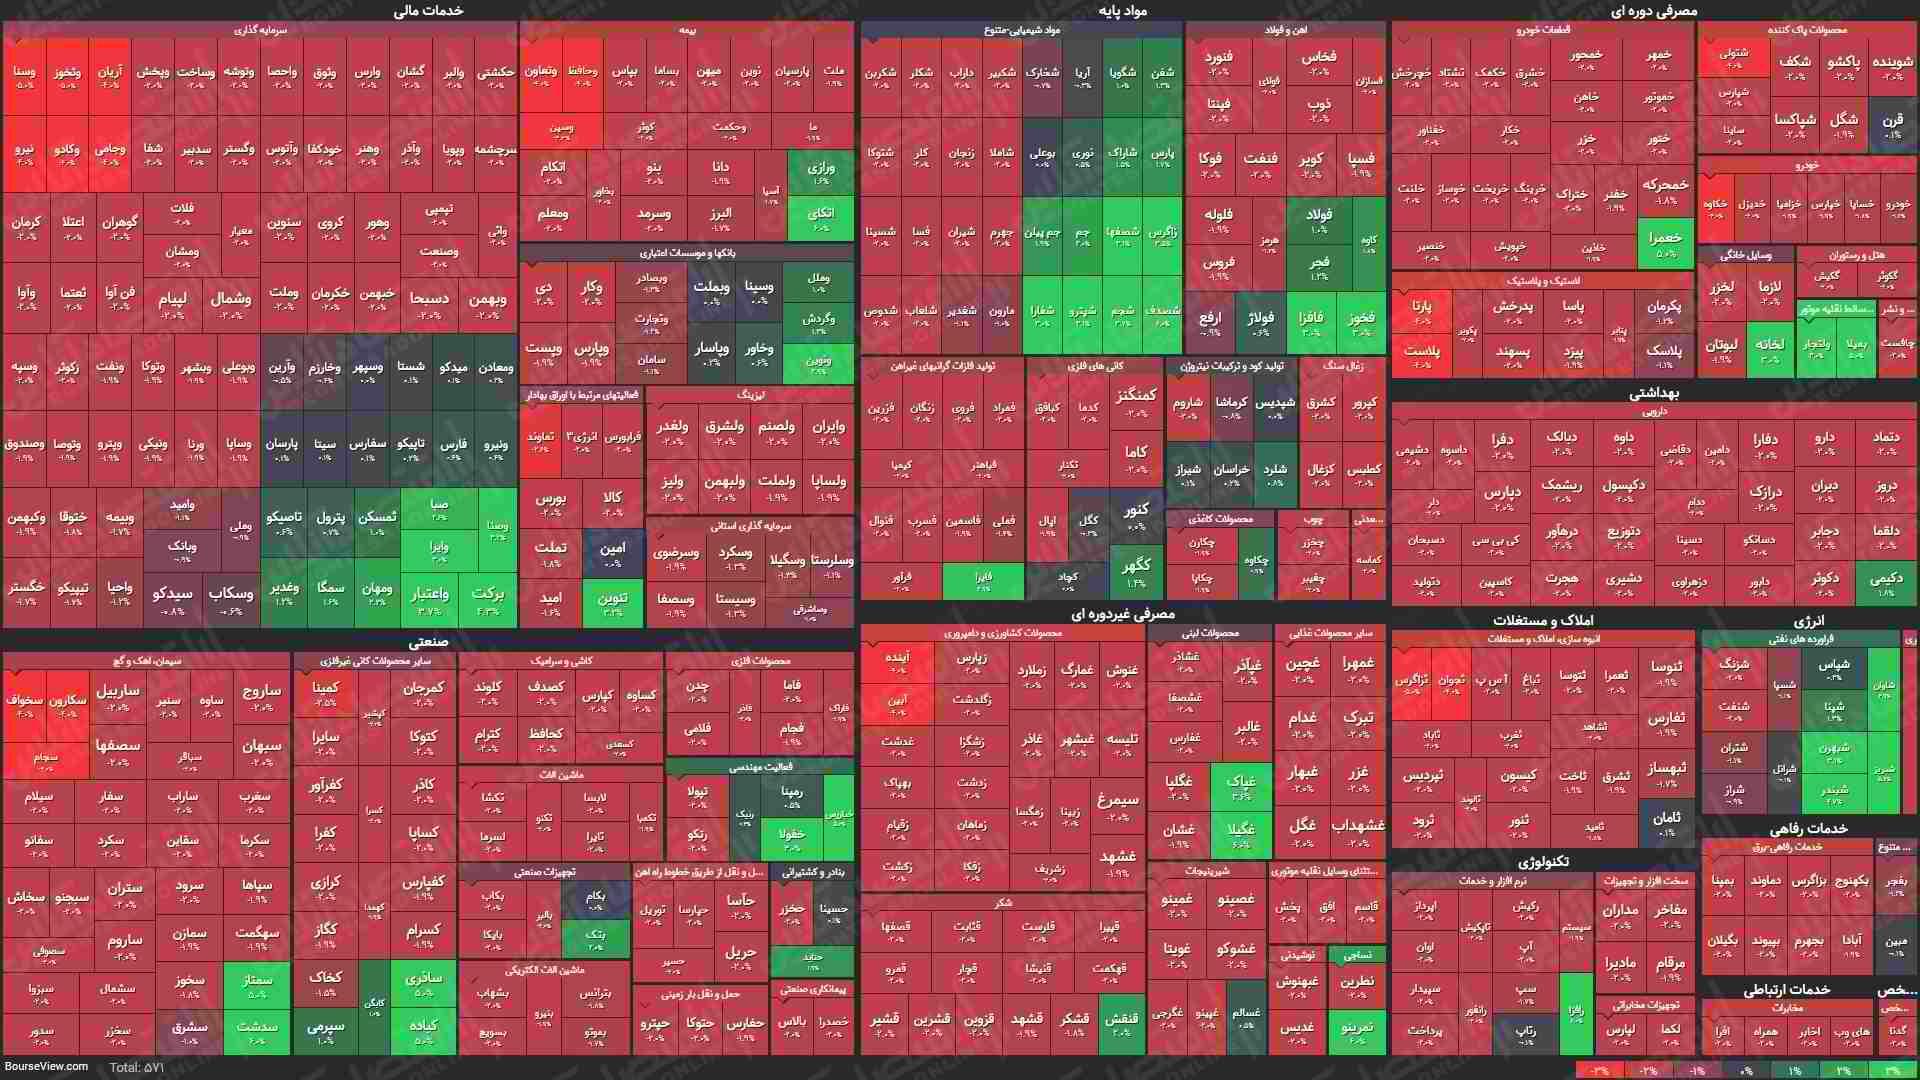 نقشه بازار 99.12.17 L!